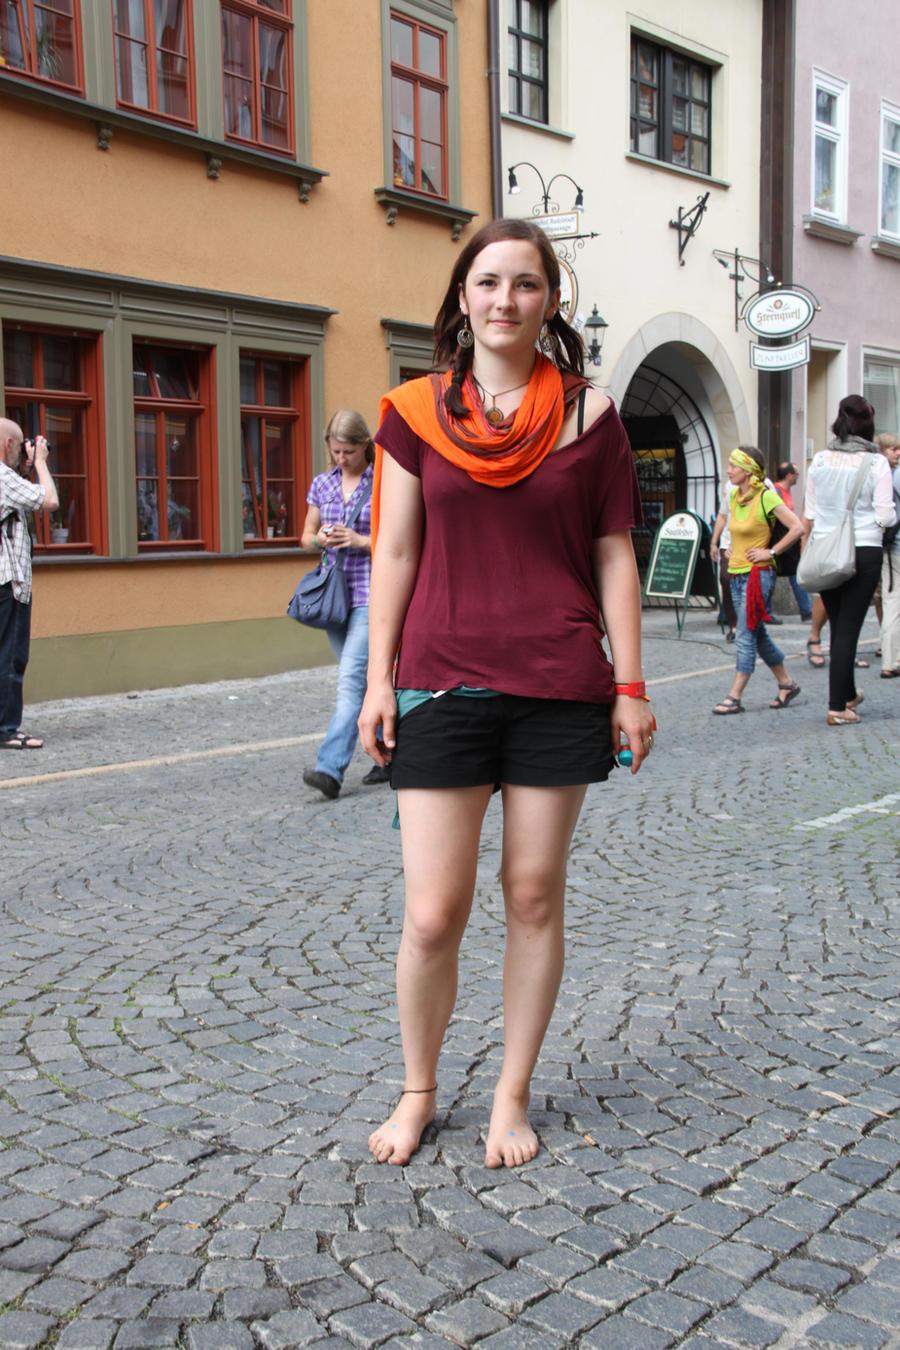 Frauen Barfuss In Der Stadt